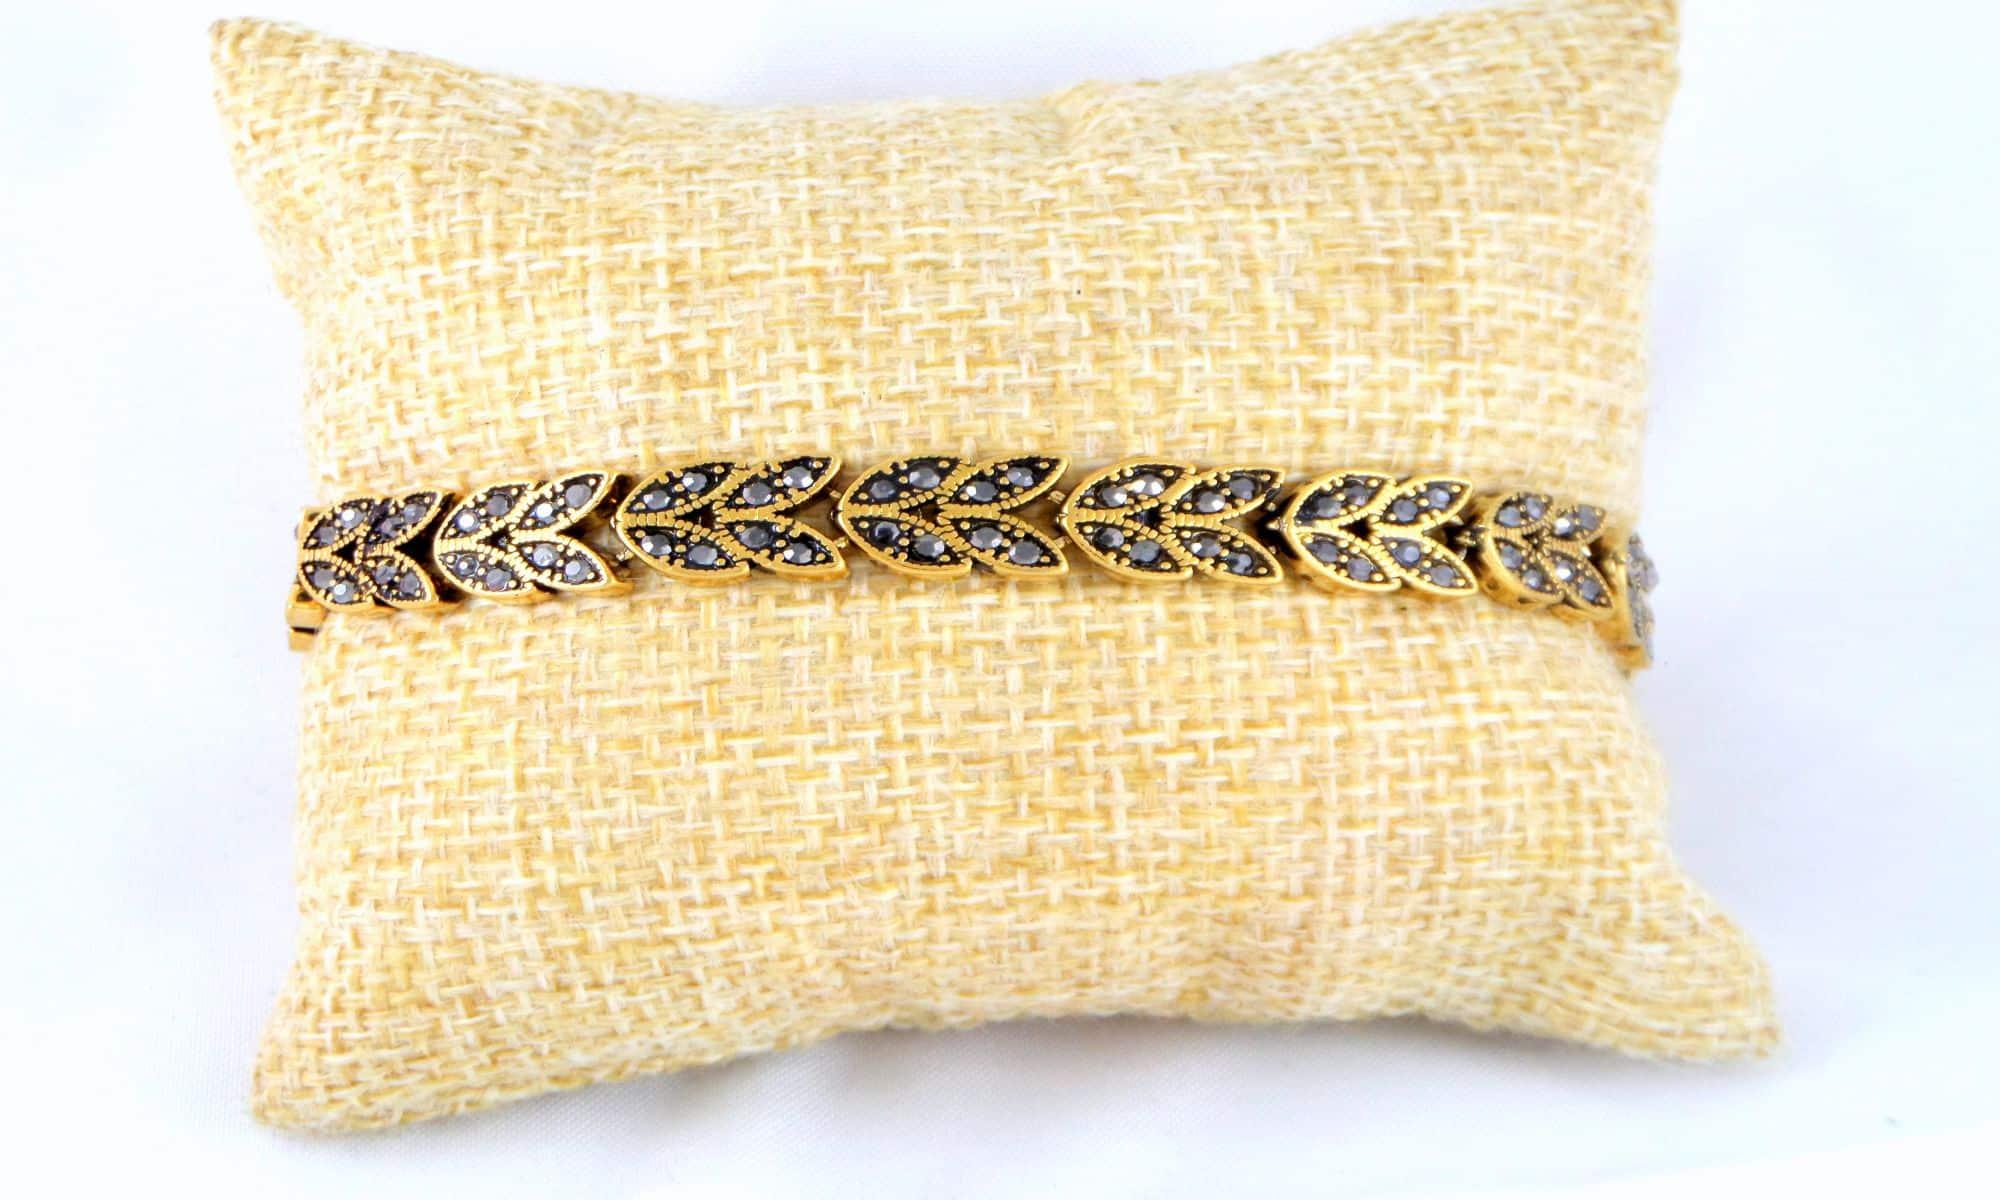 دستبند زنانه استیل نگین مارکازیت مشکی با قطر 2  و طول 22 سانتی ds-n160